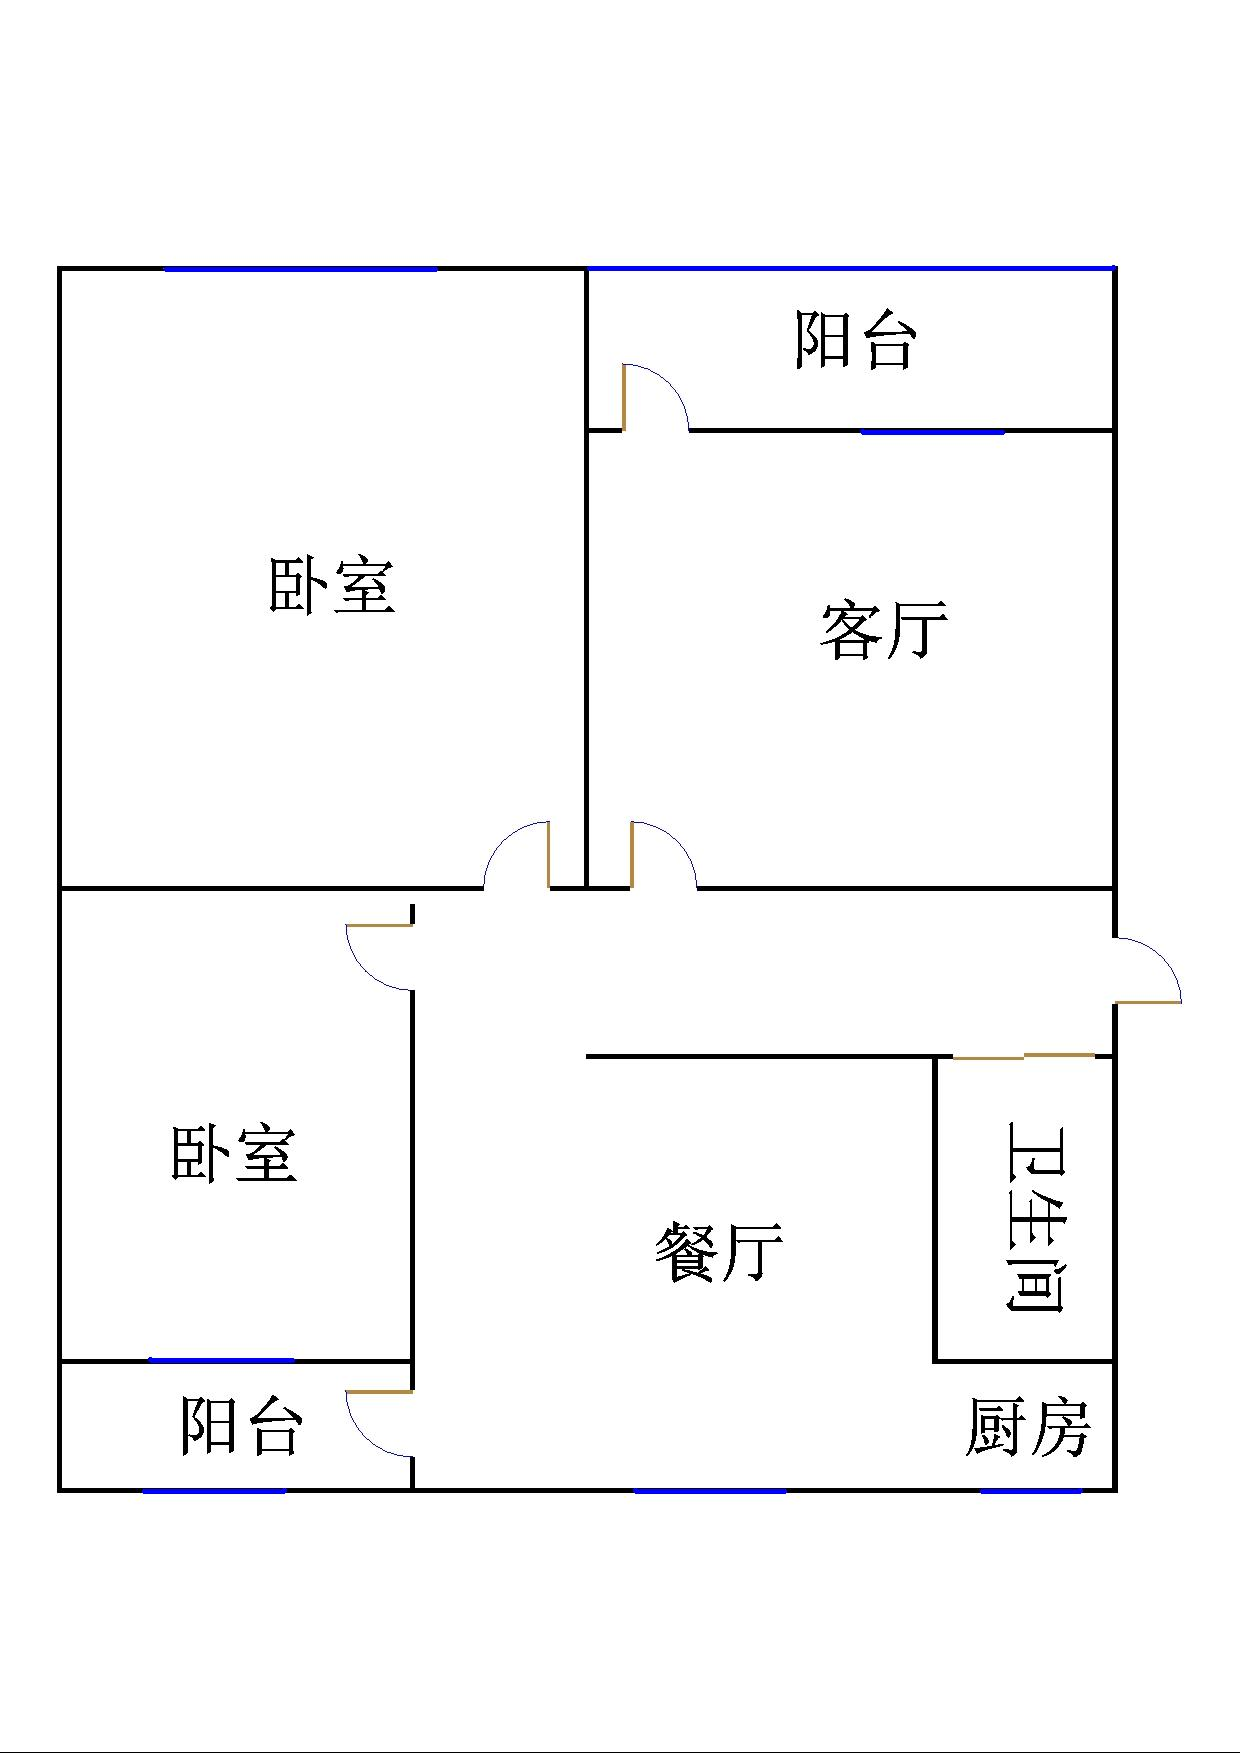 二棉宿舍 3室2厅 4楼